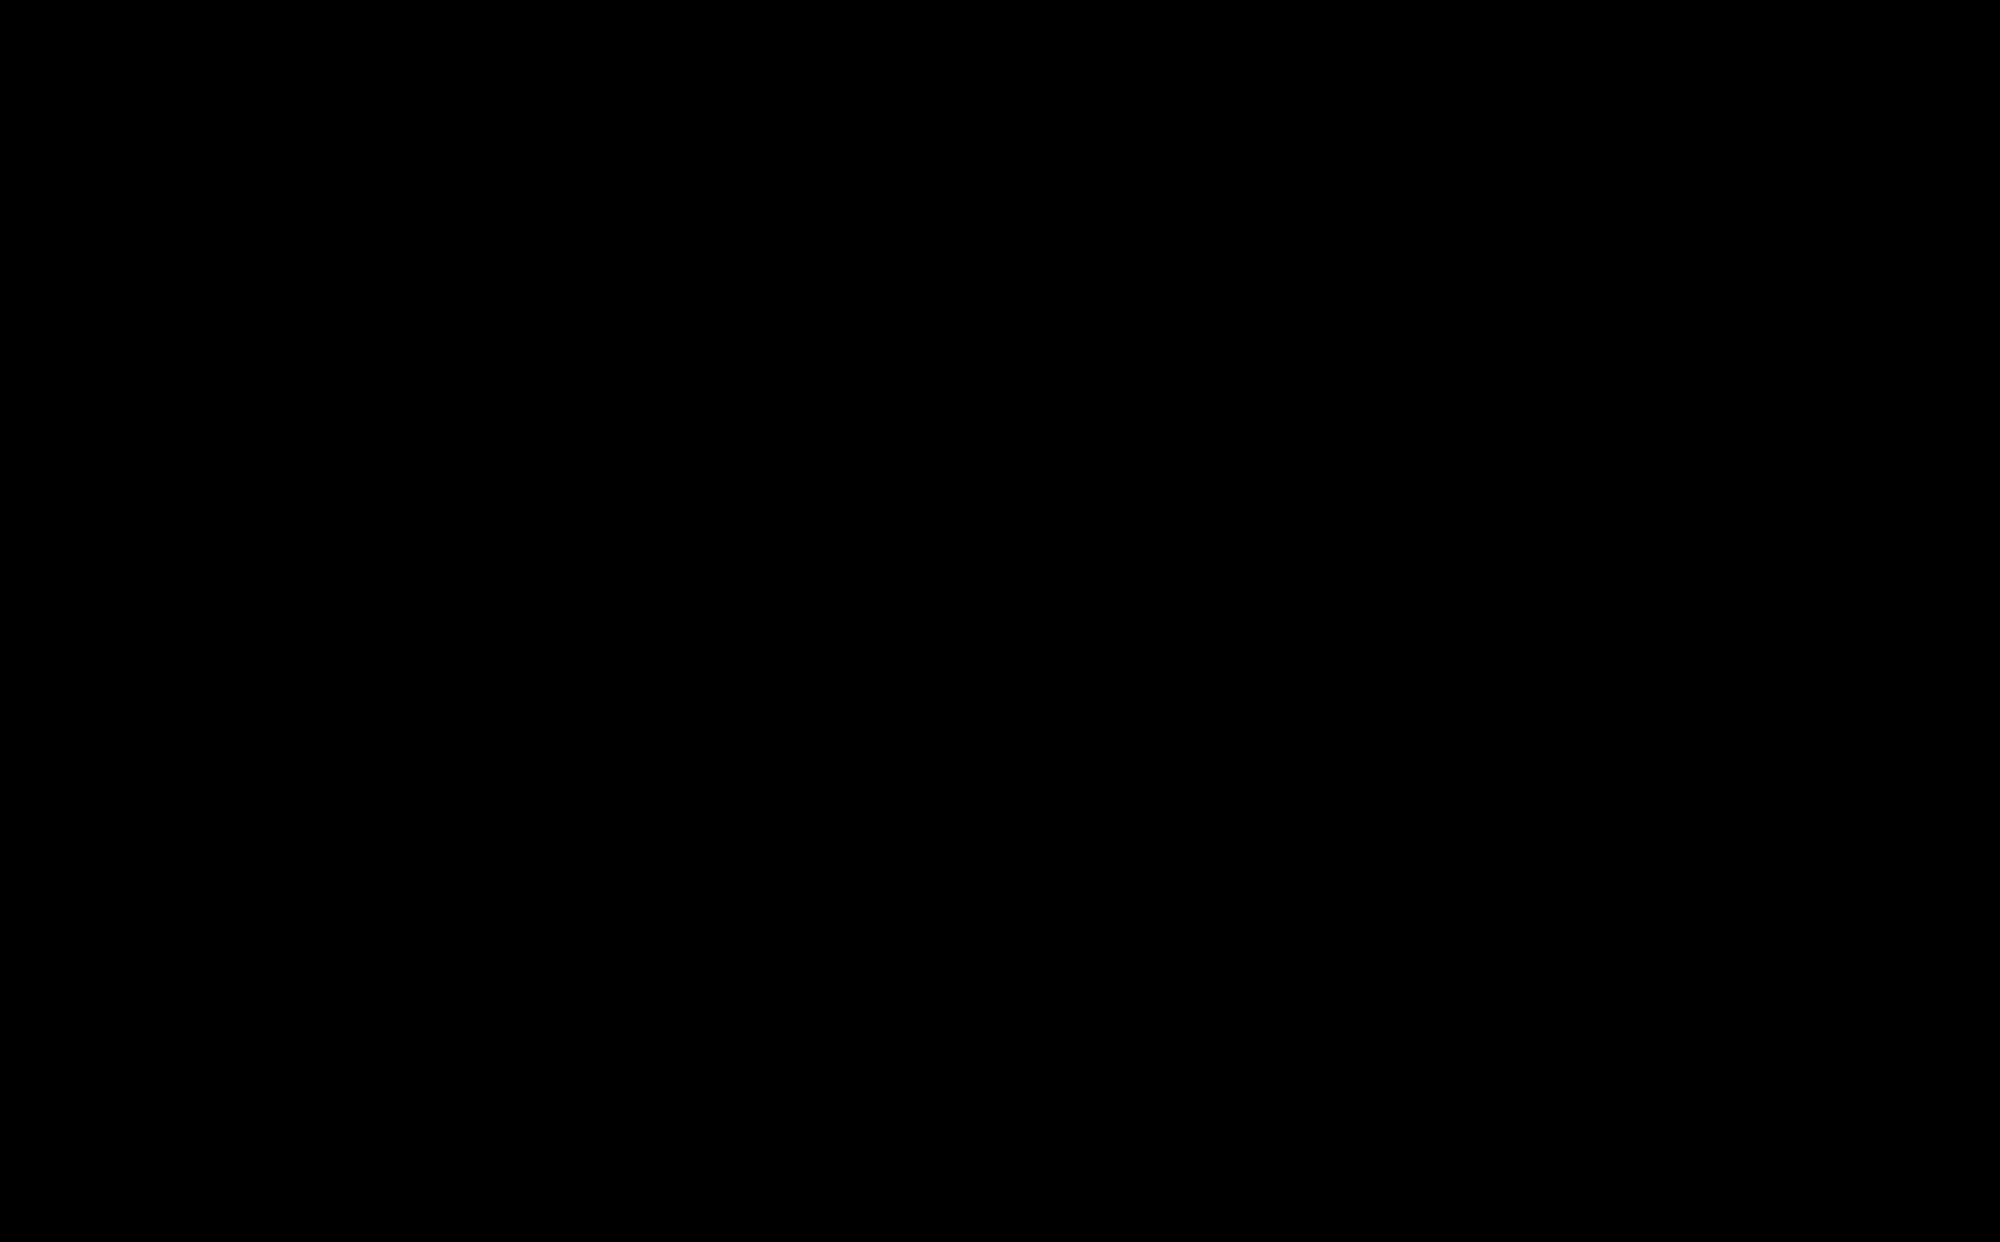 מטבח כפרי לבן עם אי – אדריכל ולדימיר כץ